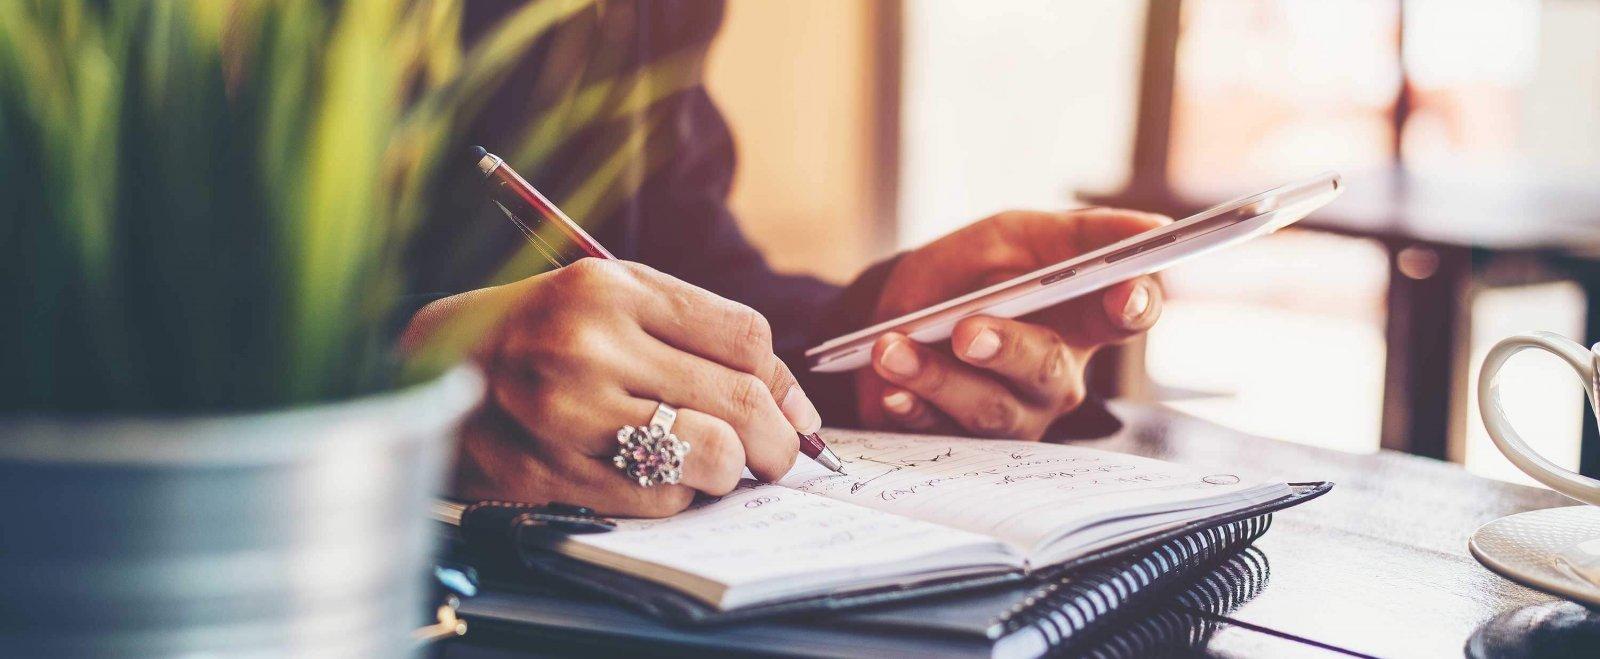 Checklist Umsatzsteuer zum Jahresanfang - worauf musst Du achten?